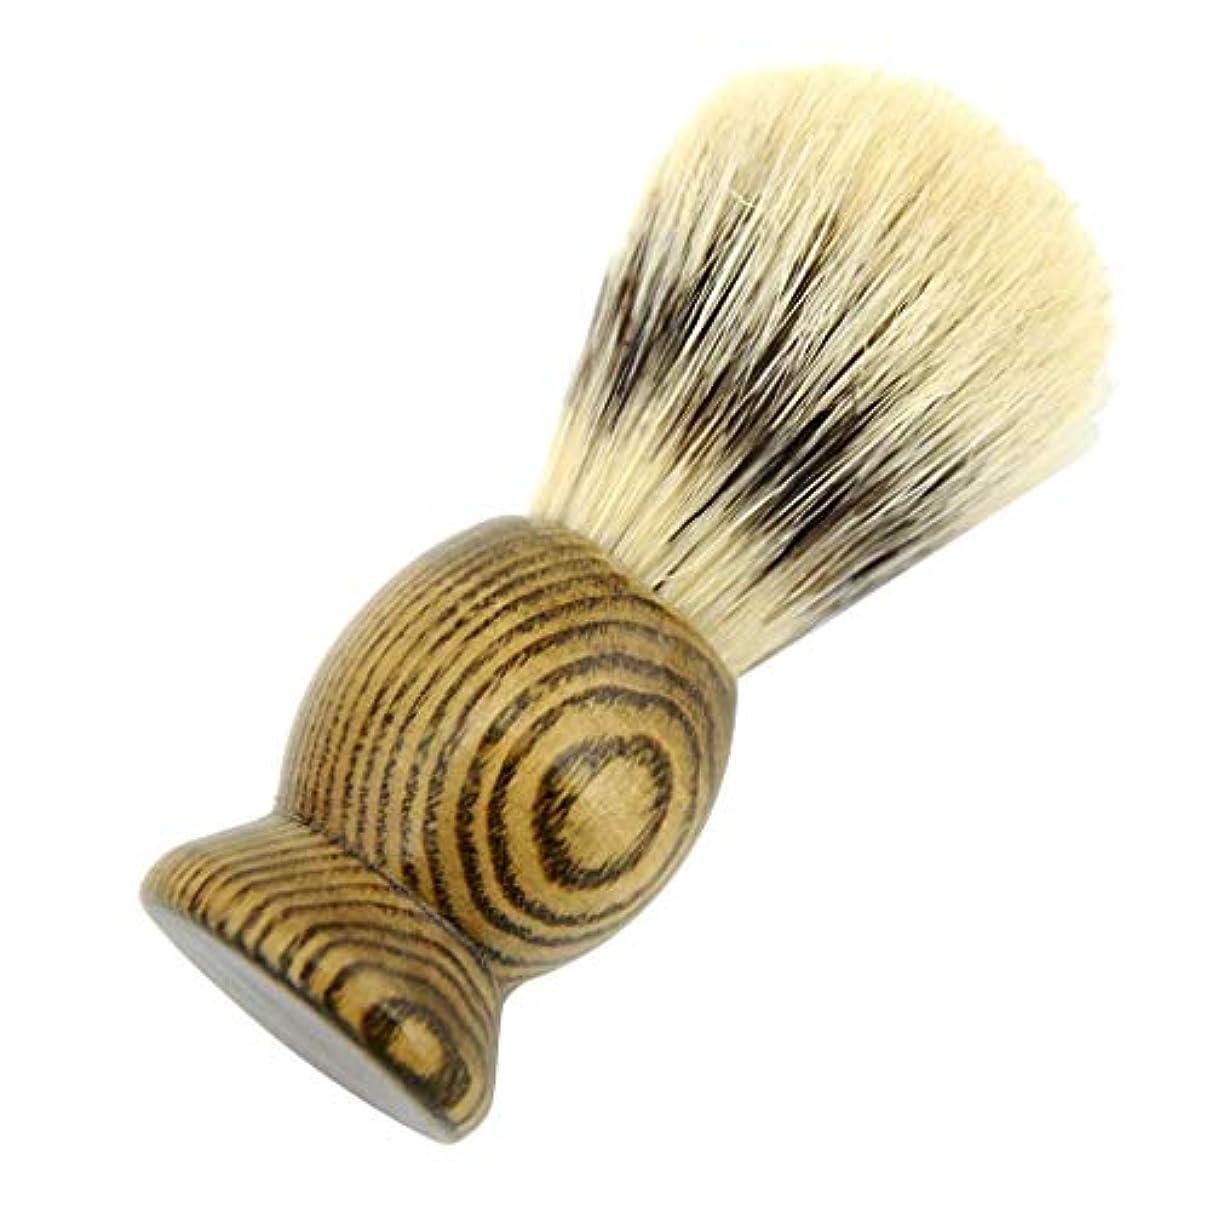 提出するパッドモールス信号メンズ シェービング用ブラシ 理容 洗顔 髭剃り 泡立ち サロン 家庭用 シェービング用アクセサリー